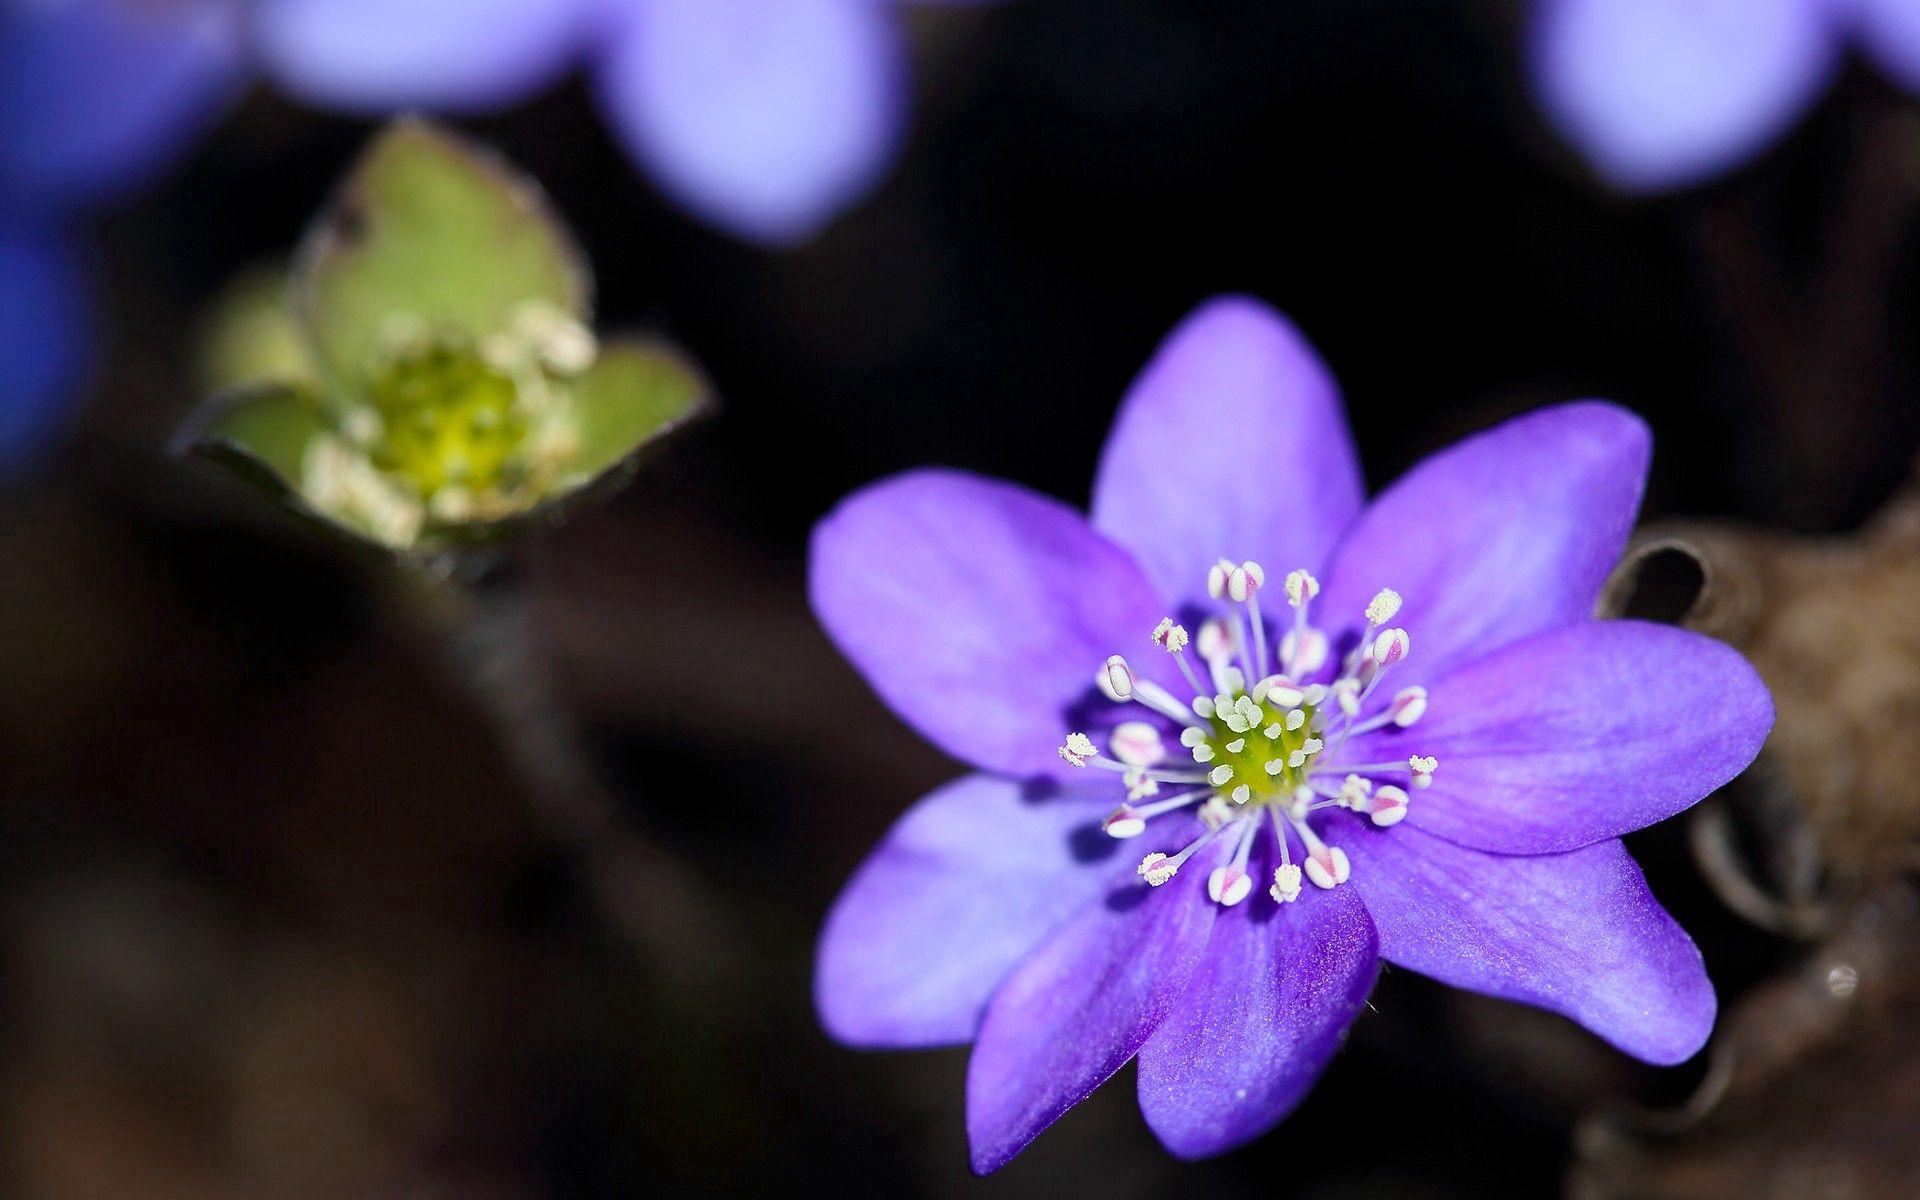 108406 скачать обои Цветы, Листья, Растение, Макро, Лепестки, Сиреневый - заставки и картинки бесплатно